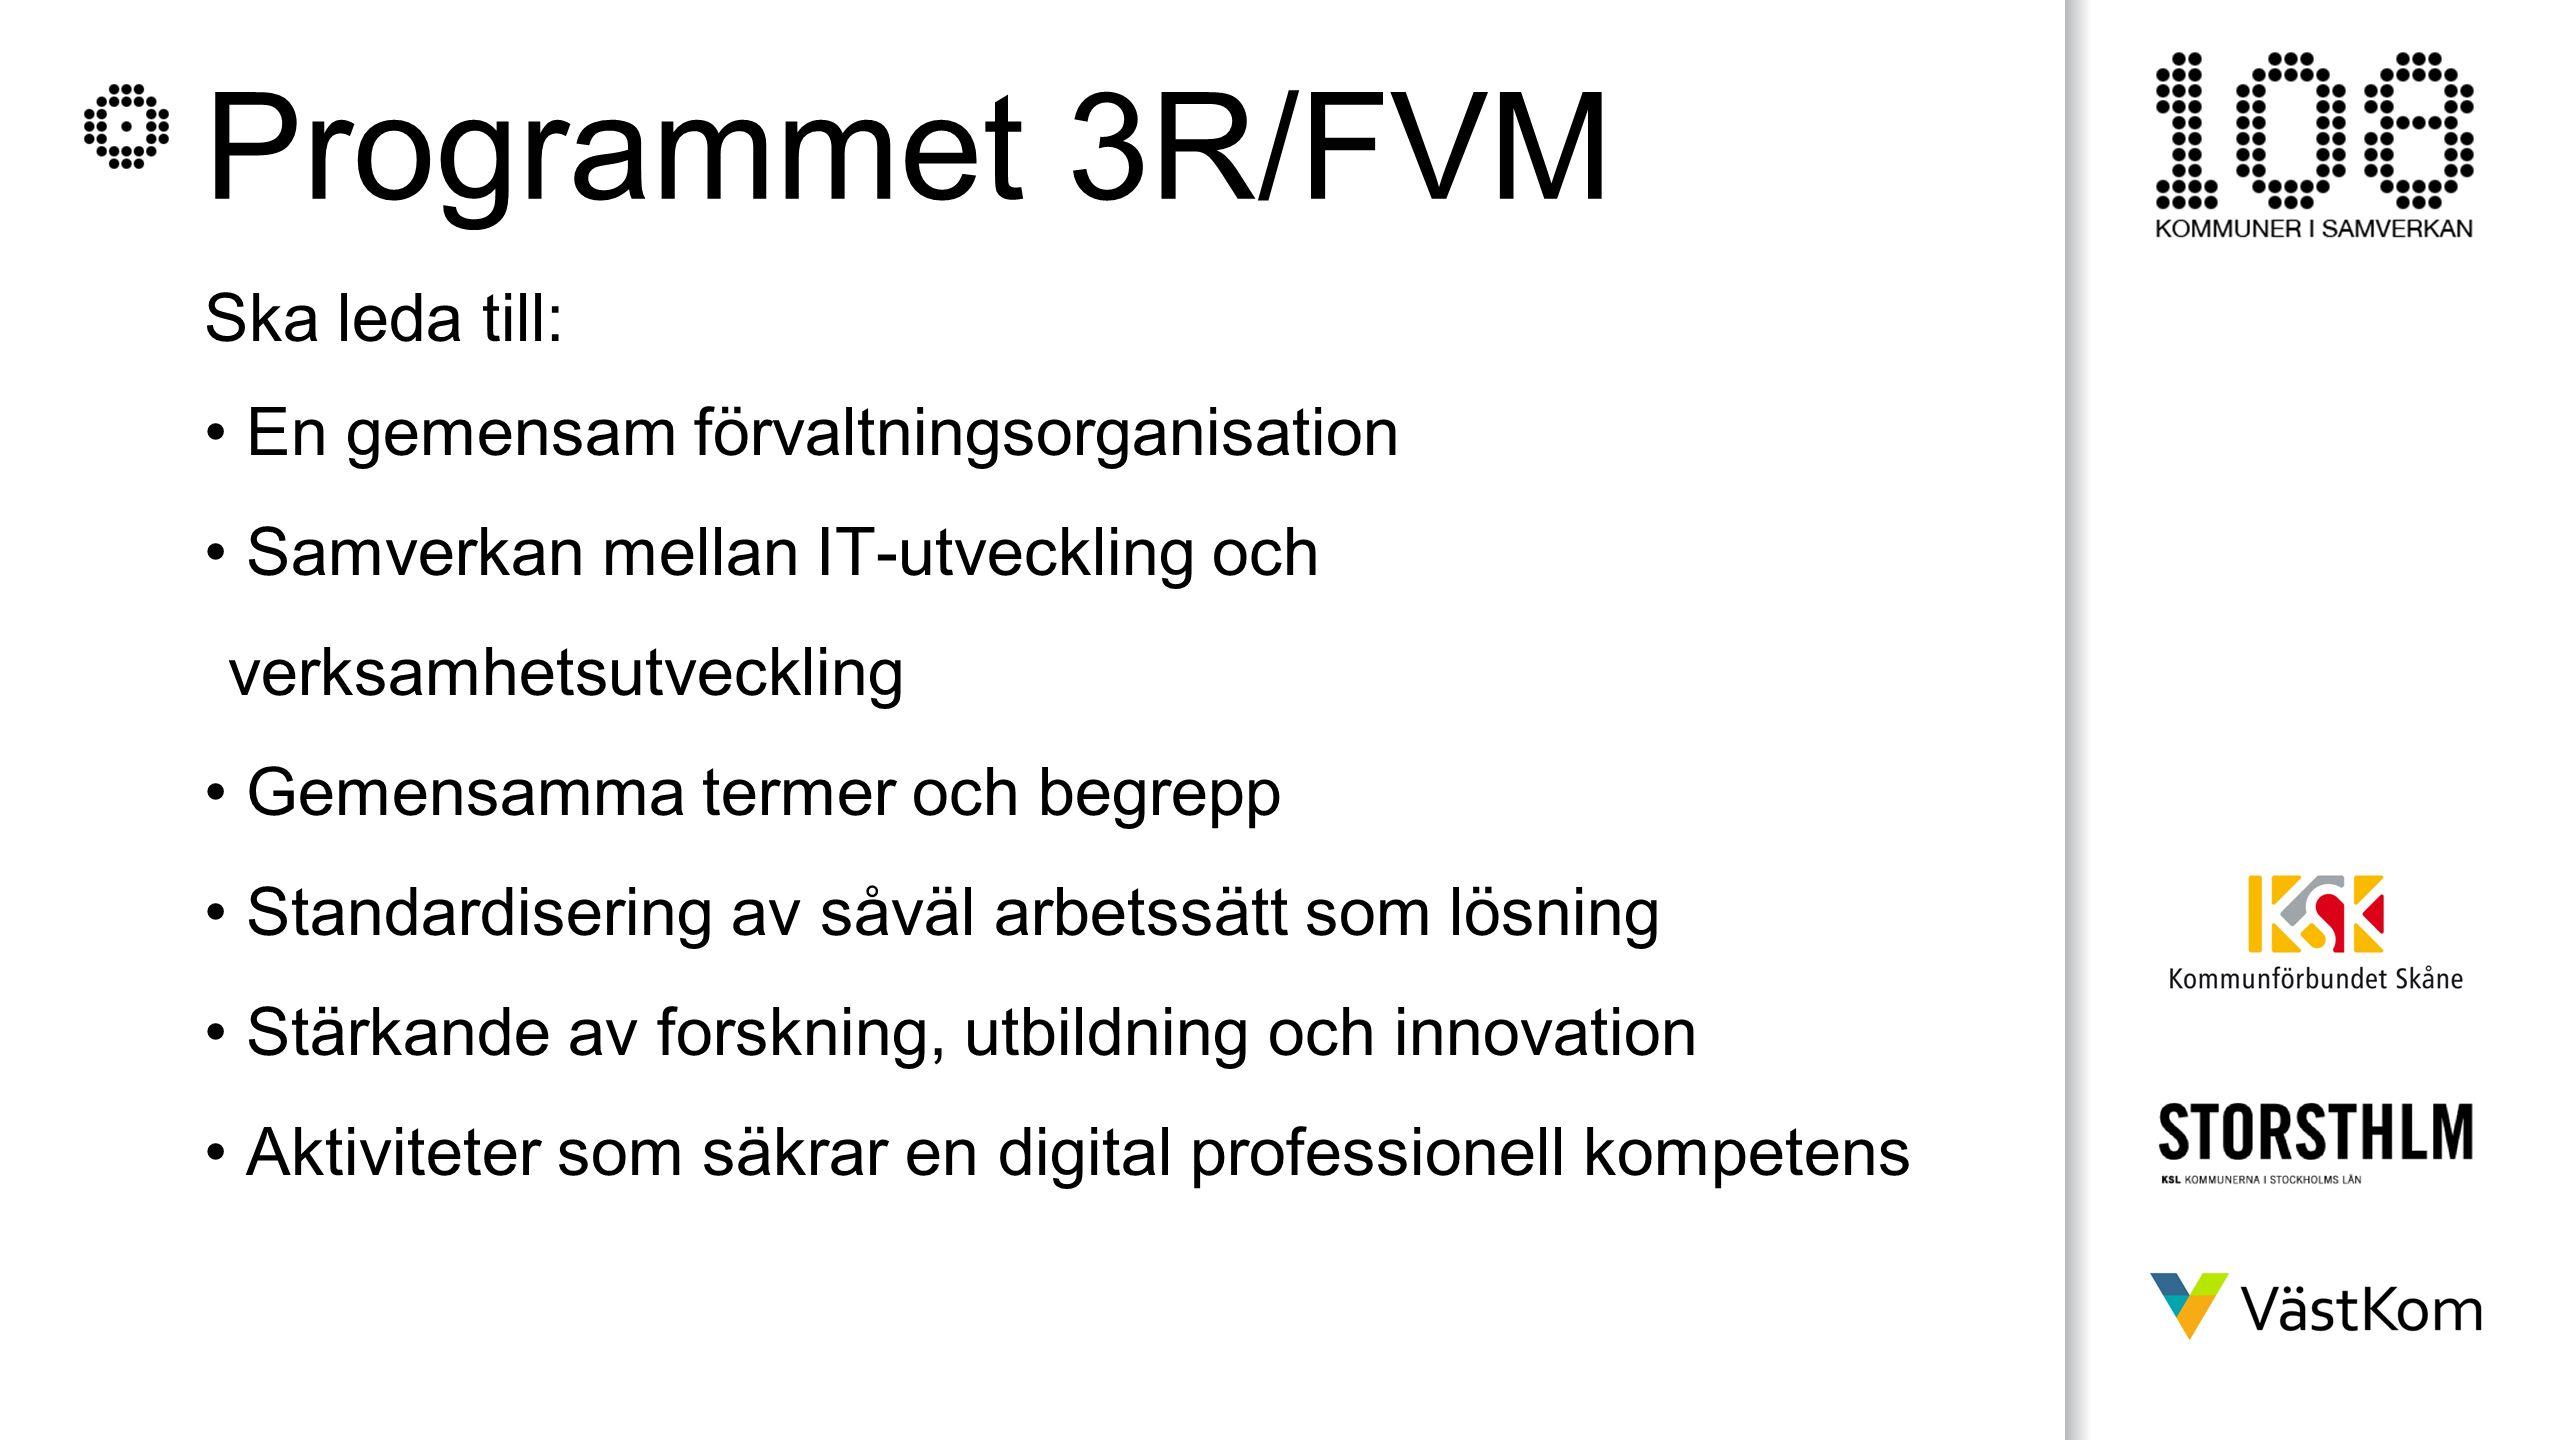 Programmet 3R/FVM Ska leda till: En gemensam förvaltningsorganisation Samverkan mellan IT-utveckling och verksamhetsutveckling Gemensamma termer och b